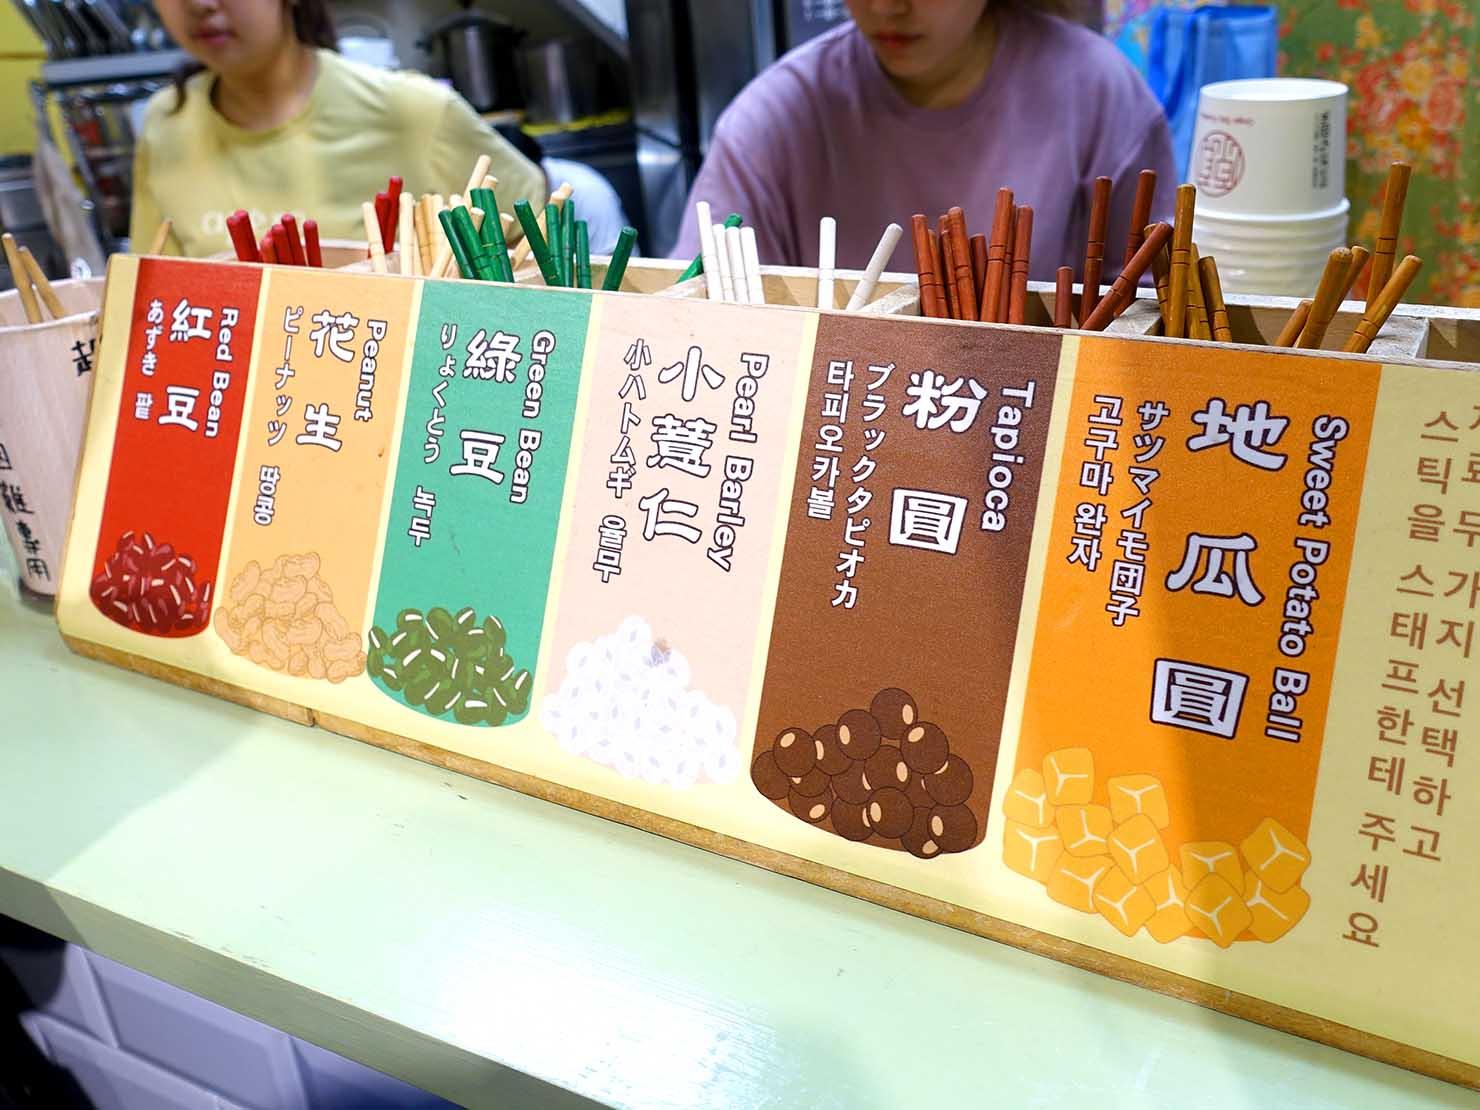 台北・西門町のおすすめデザート店「本願豆花店」のトッピング